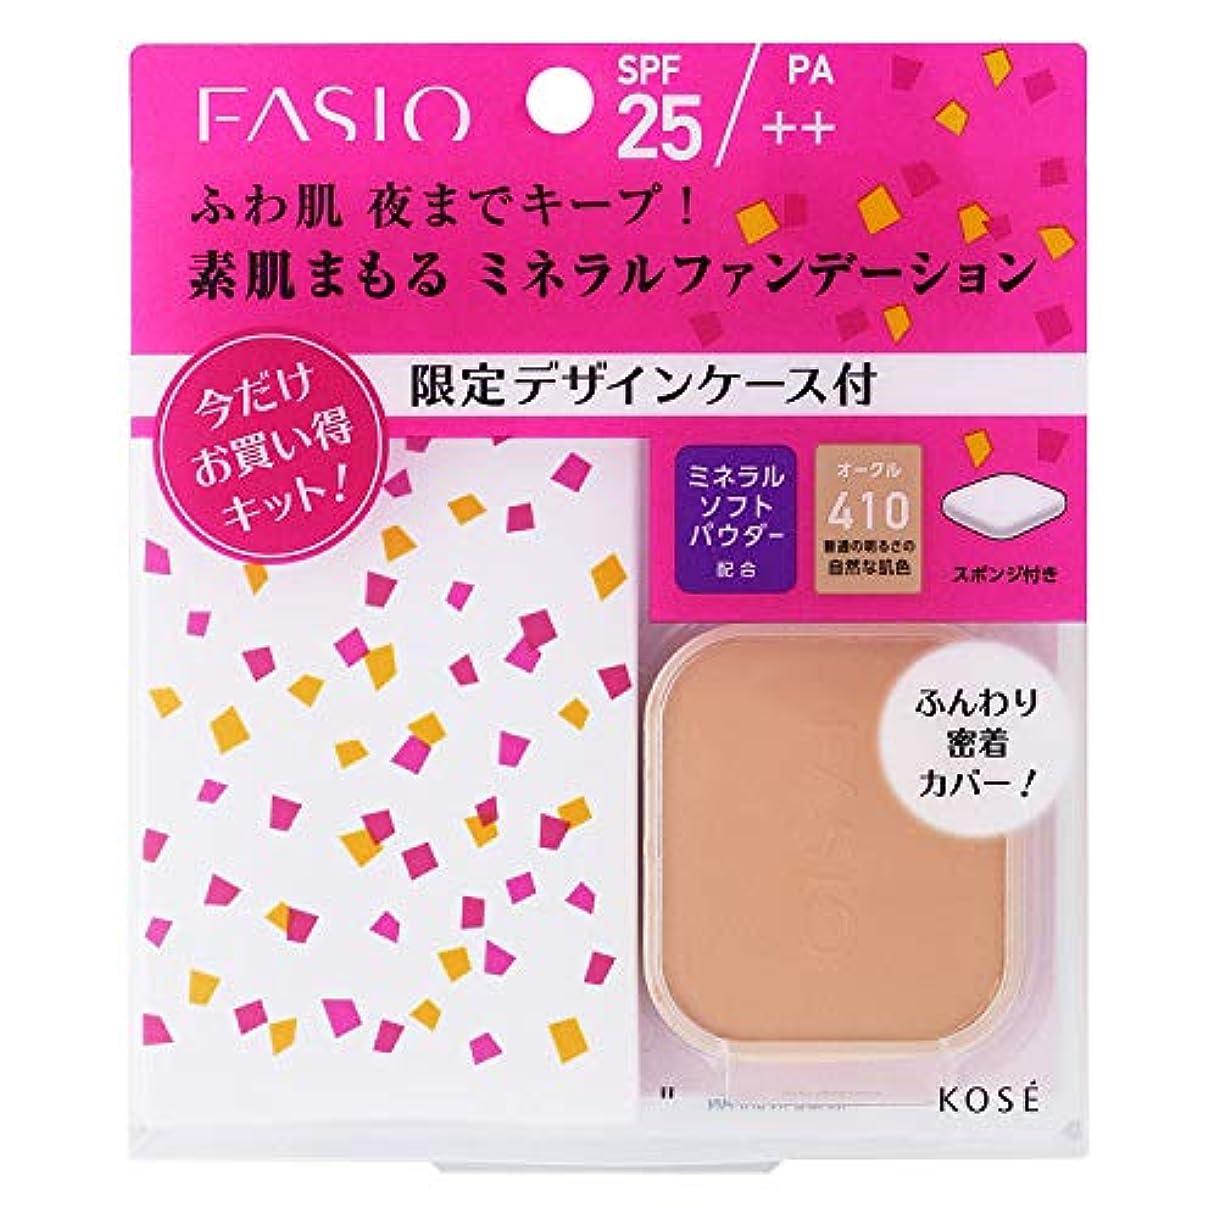 広告するお嬢敷居ファシオ ミネラル ファンデーション キット 2 410 オークル 普通の明るさの自然な肌色 9g